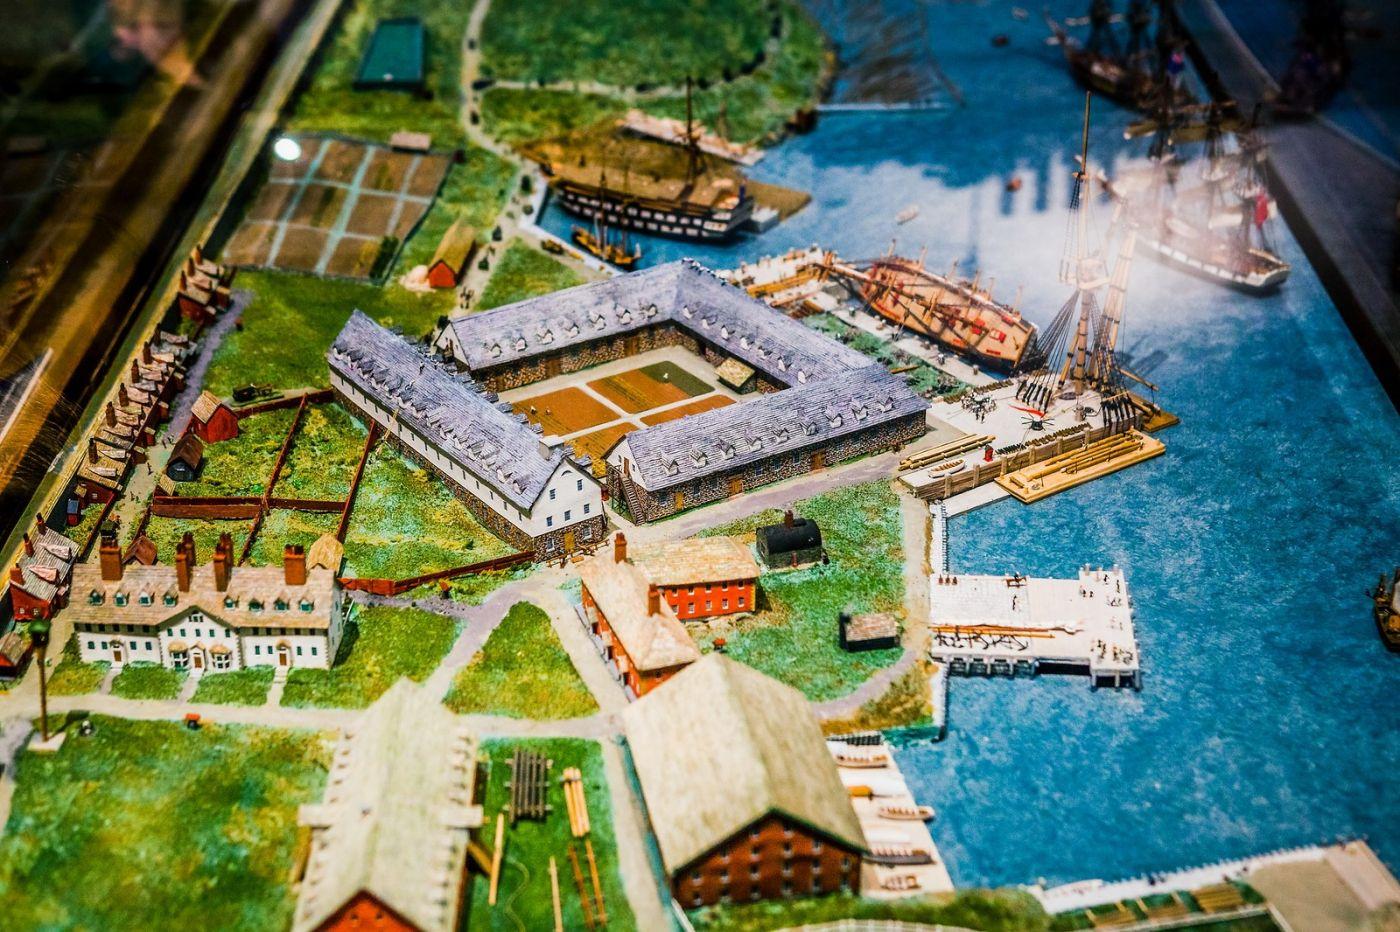 加拿大哈利法克斯(Halifax)大西洋海事博物馆_图1-25